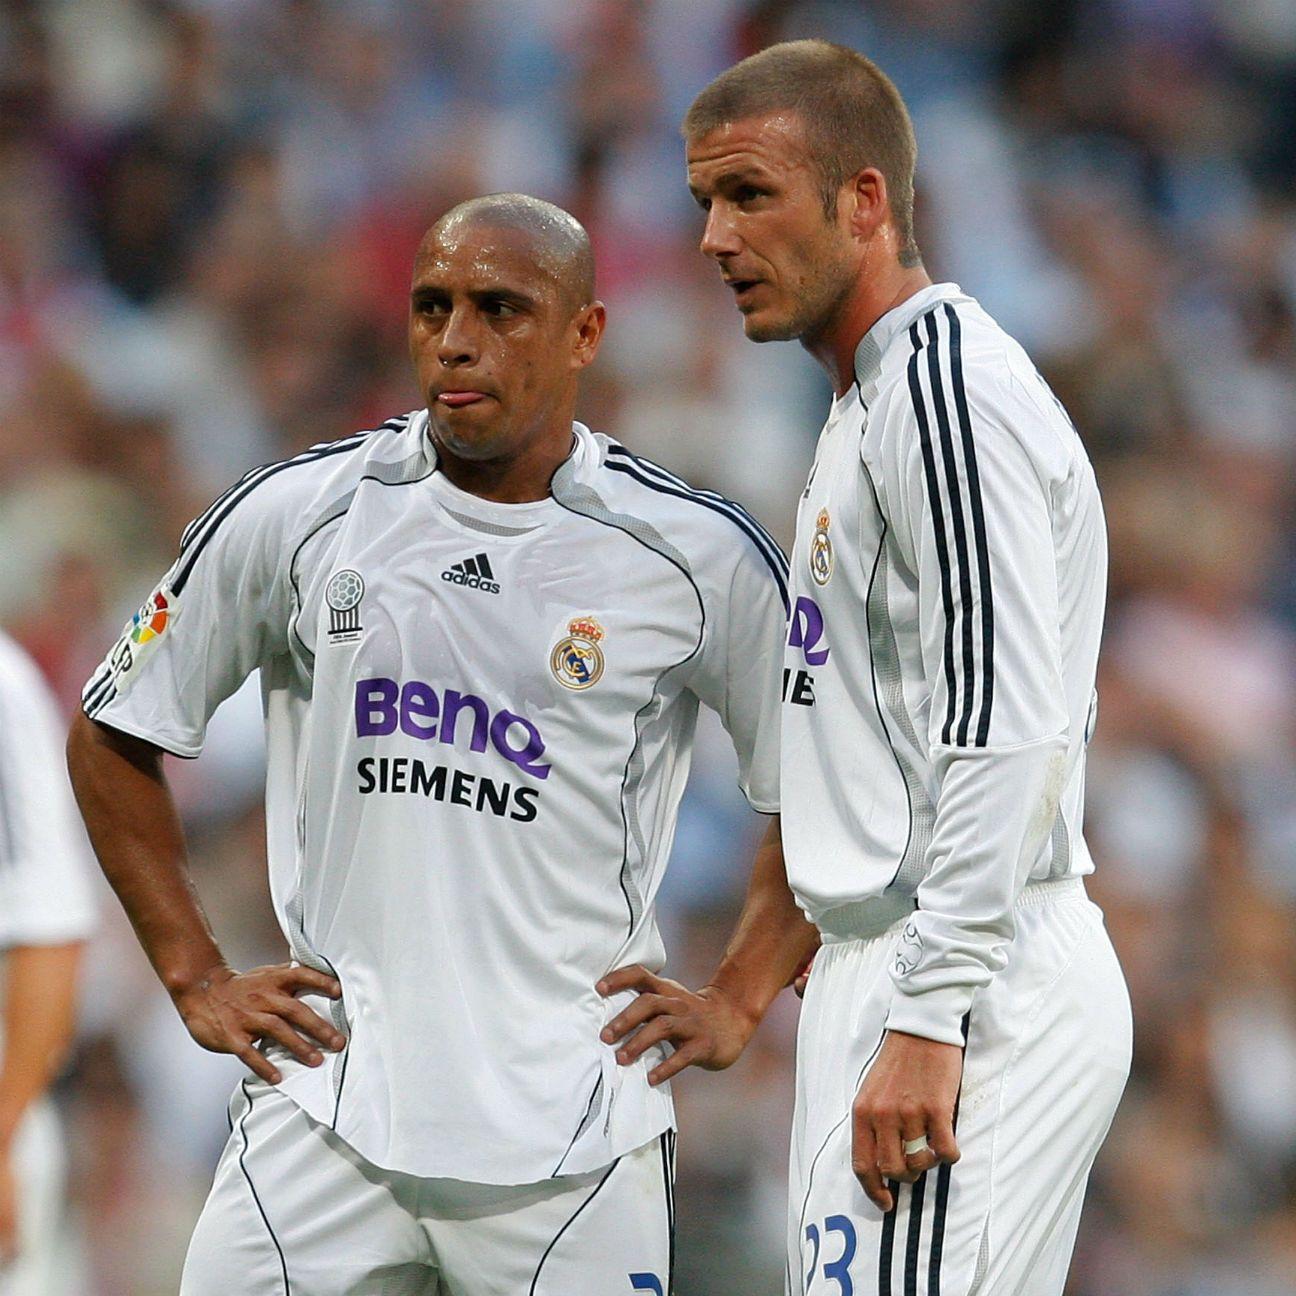 Roberto Carlos: David Beckham Better At Free Kicks Than Me